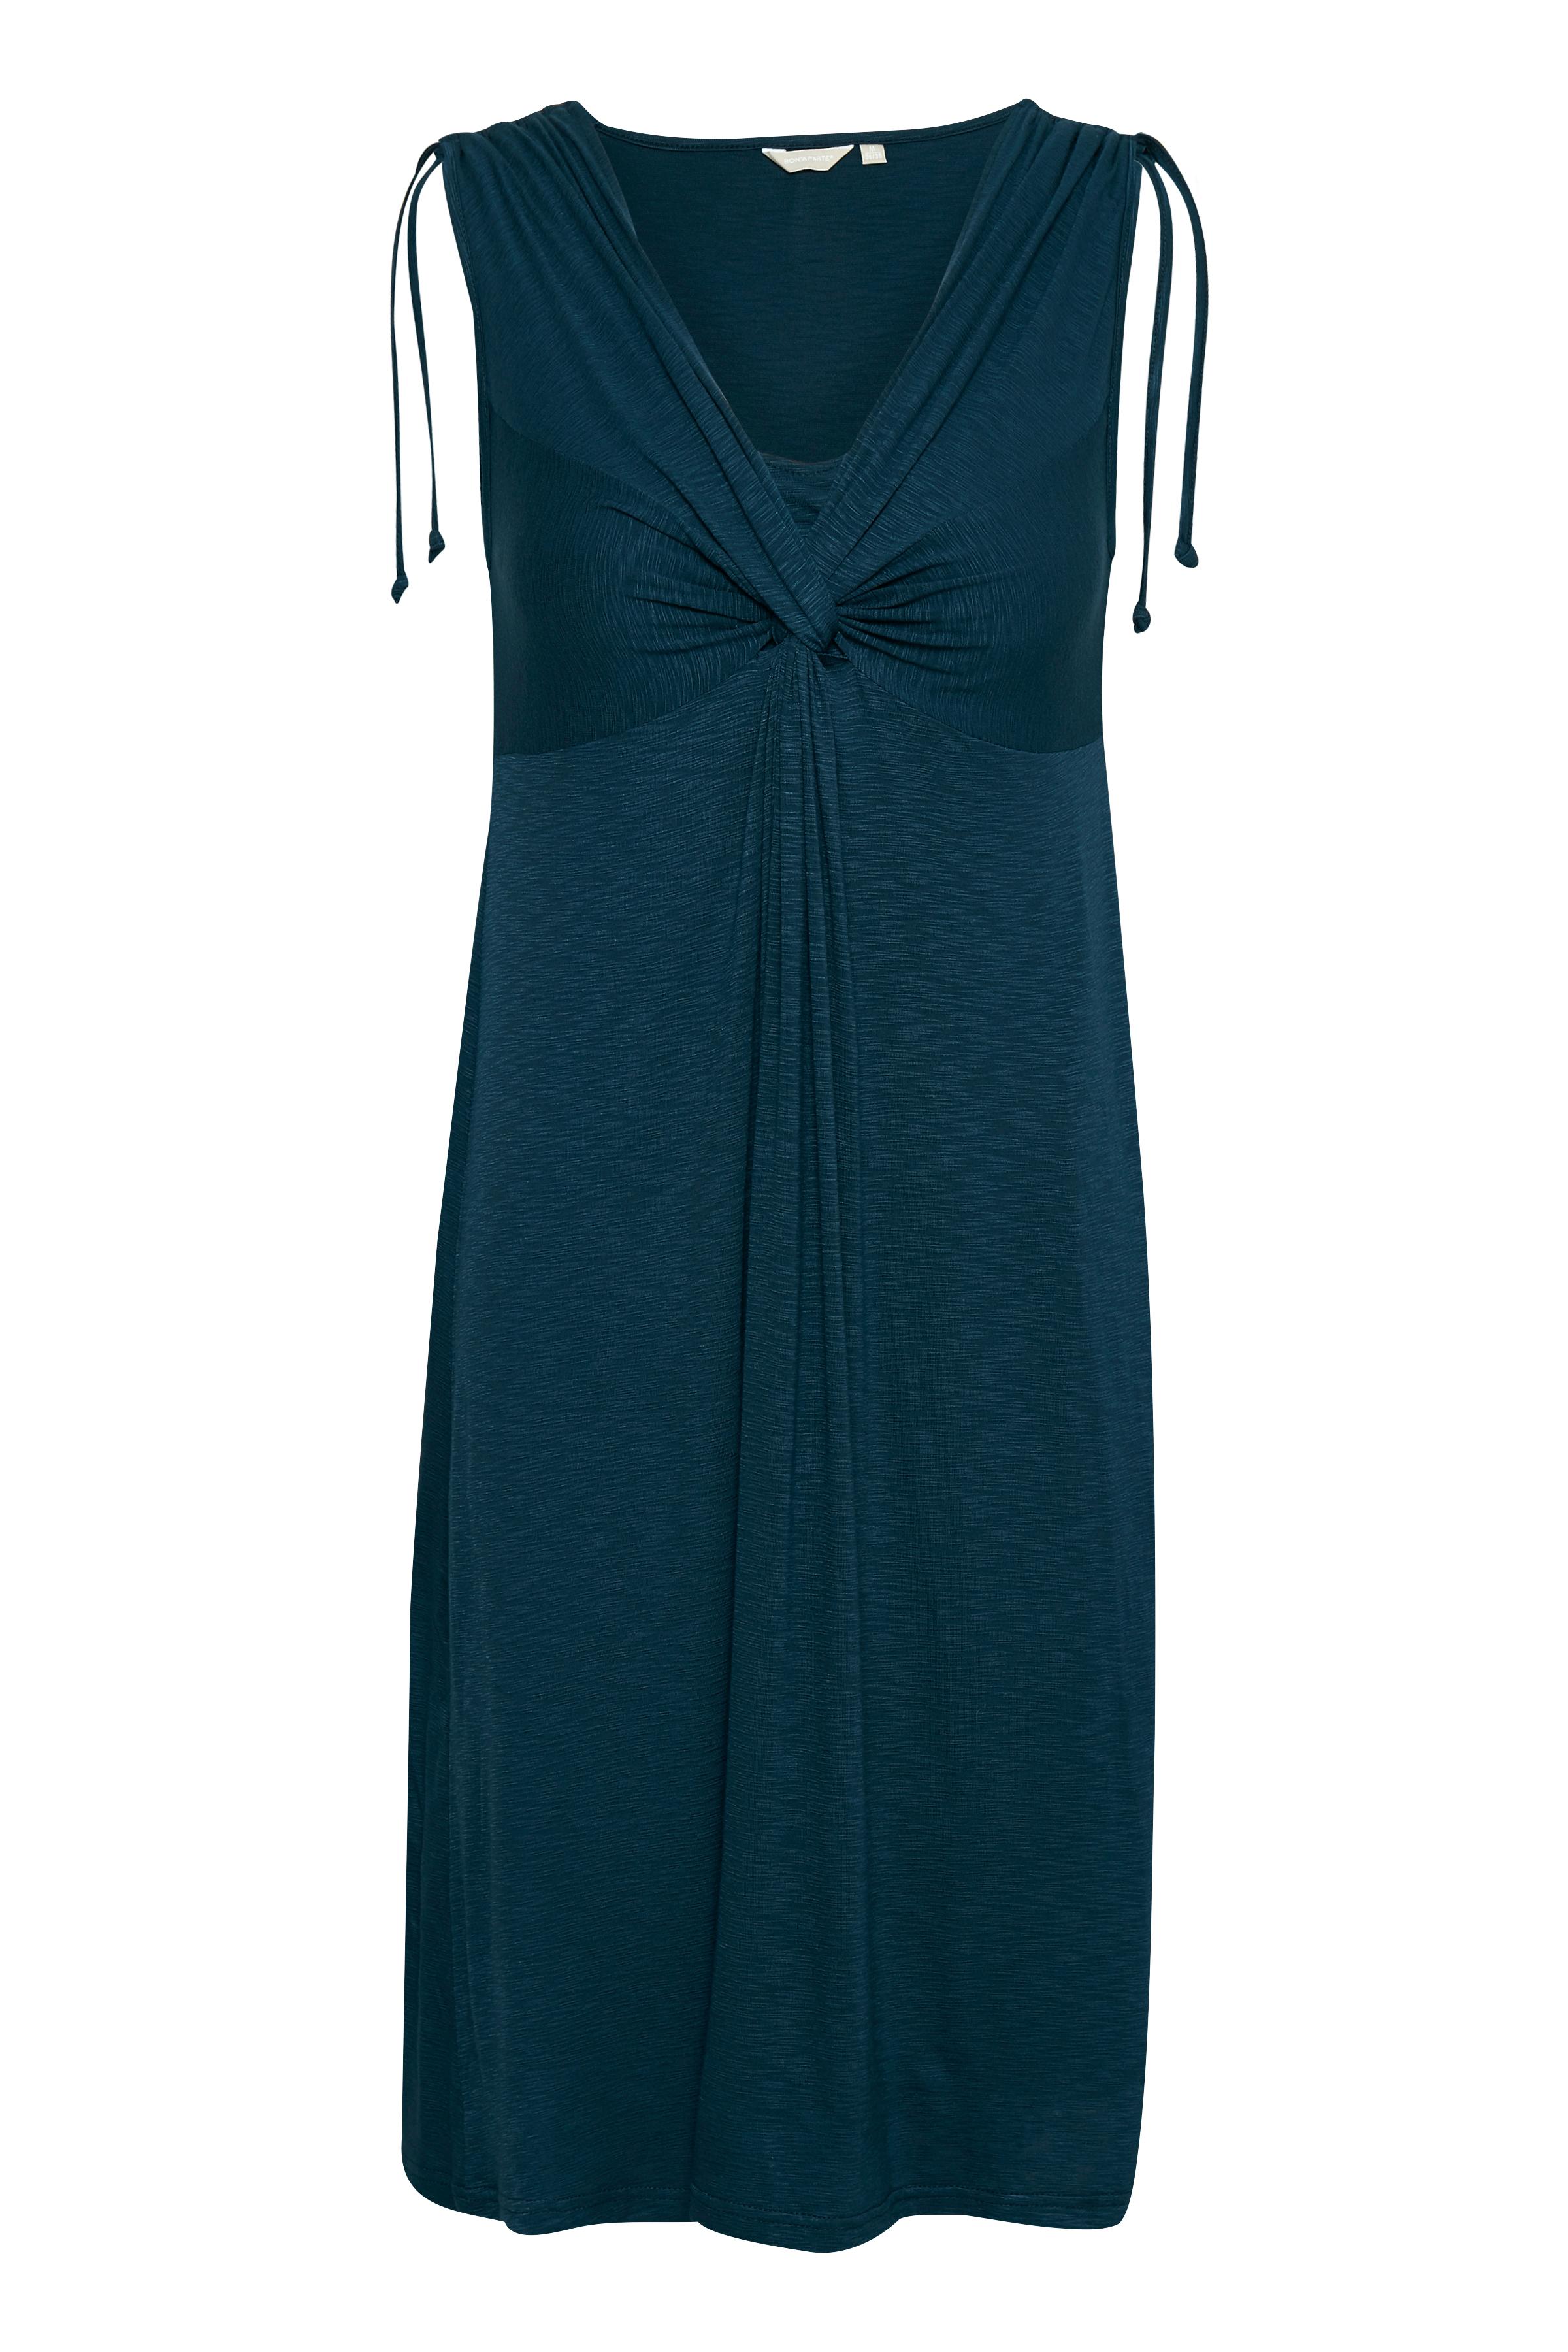 Image of BonA Parte Dame Flot Issabella kjole - Blå